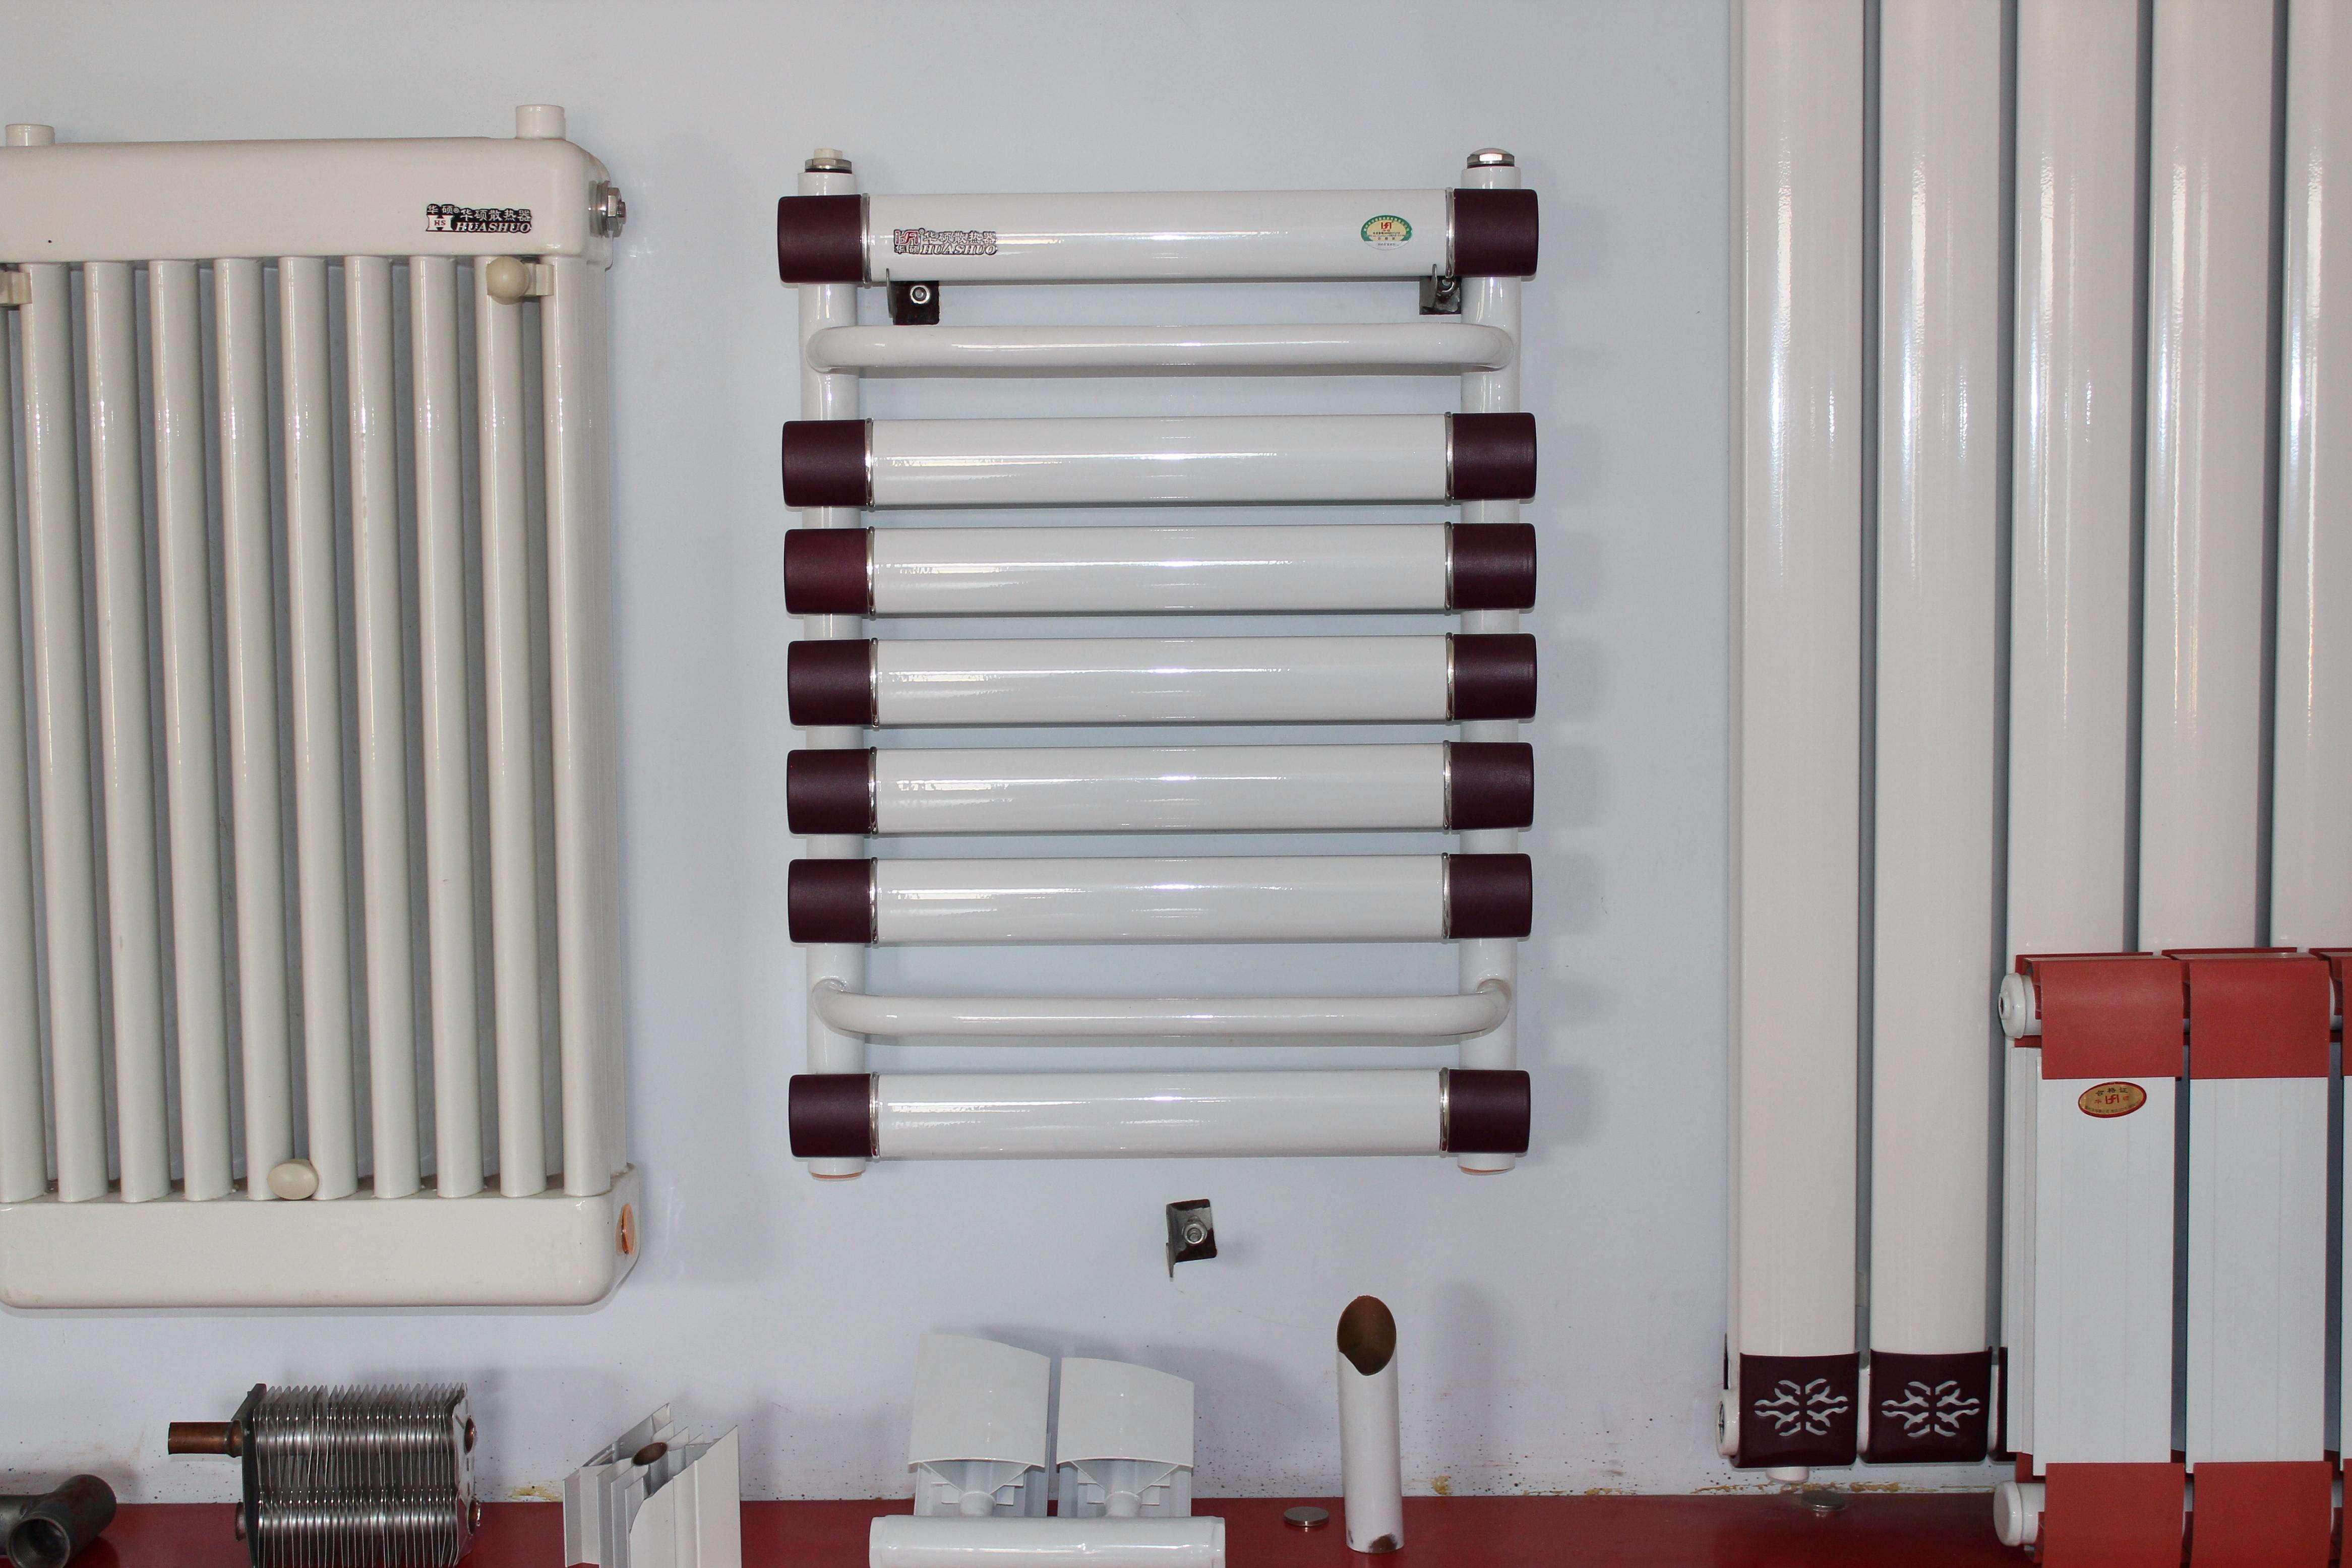 家用暖气换热器多少钱—家用暖气换热器贵不贵